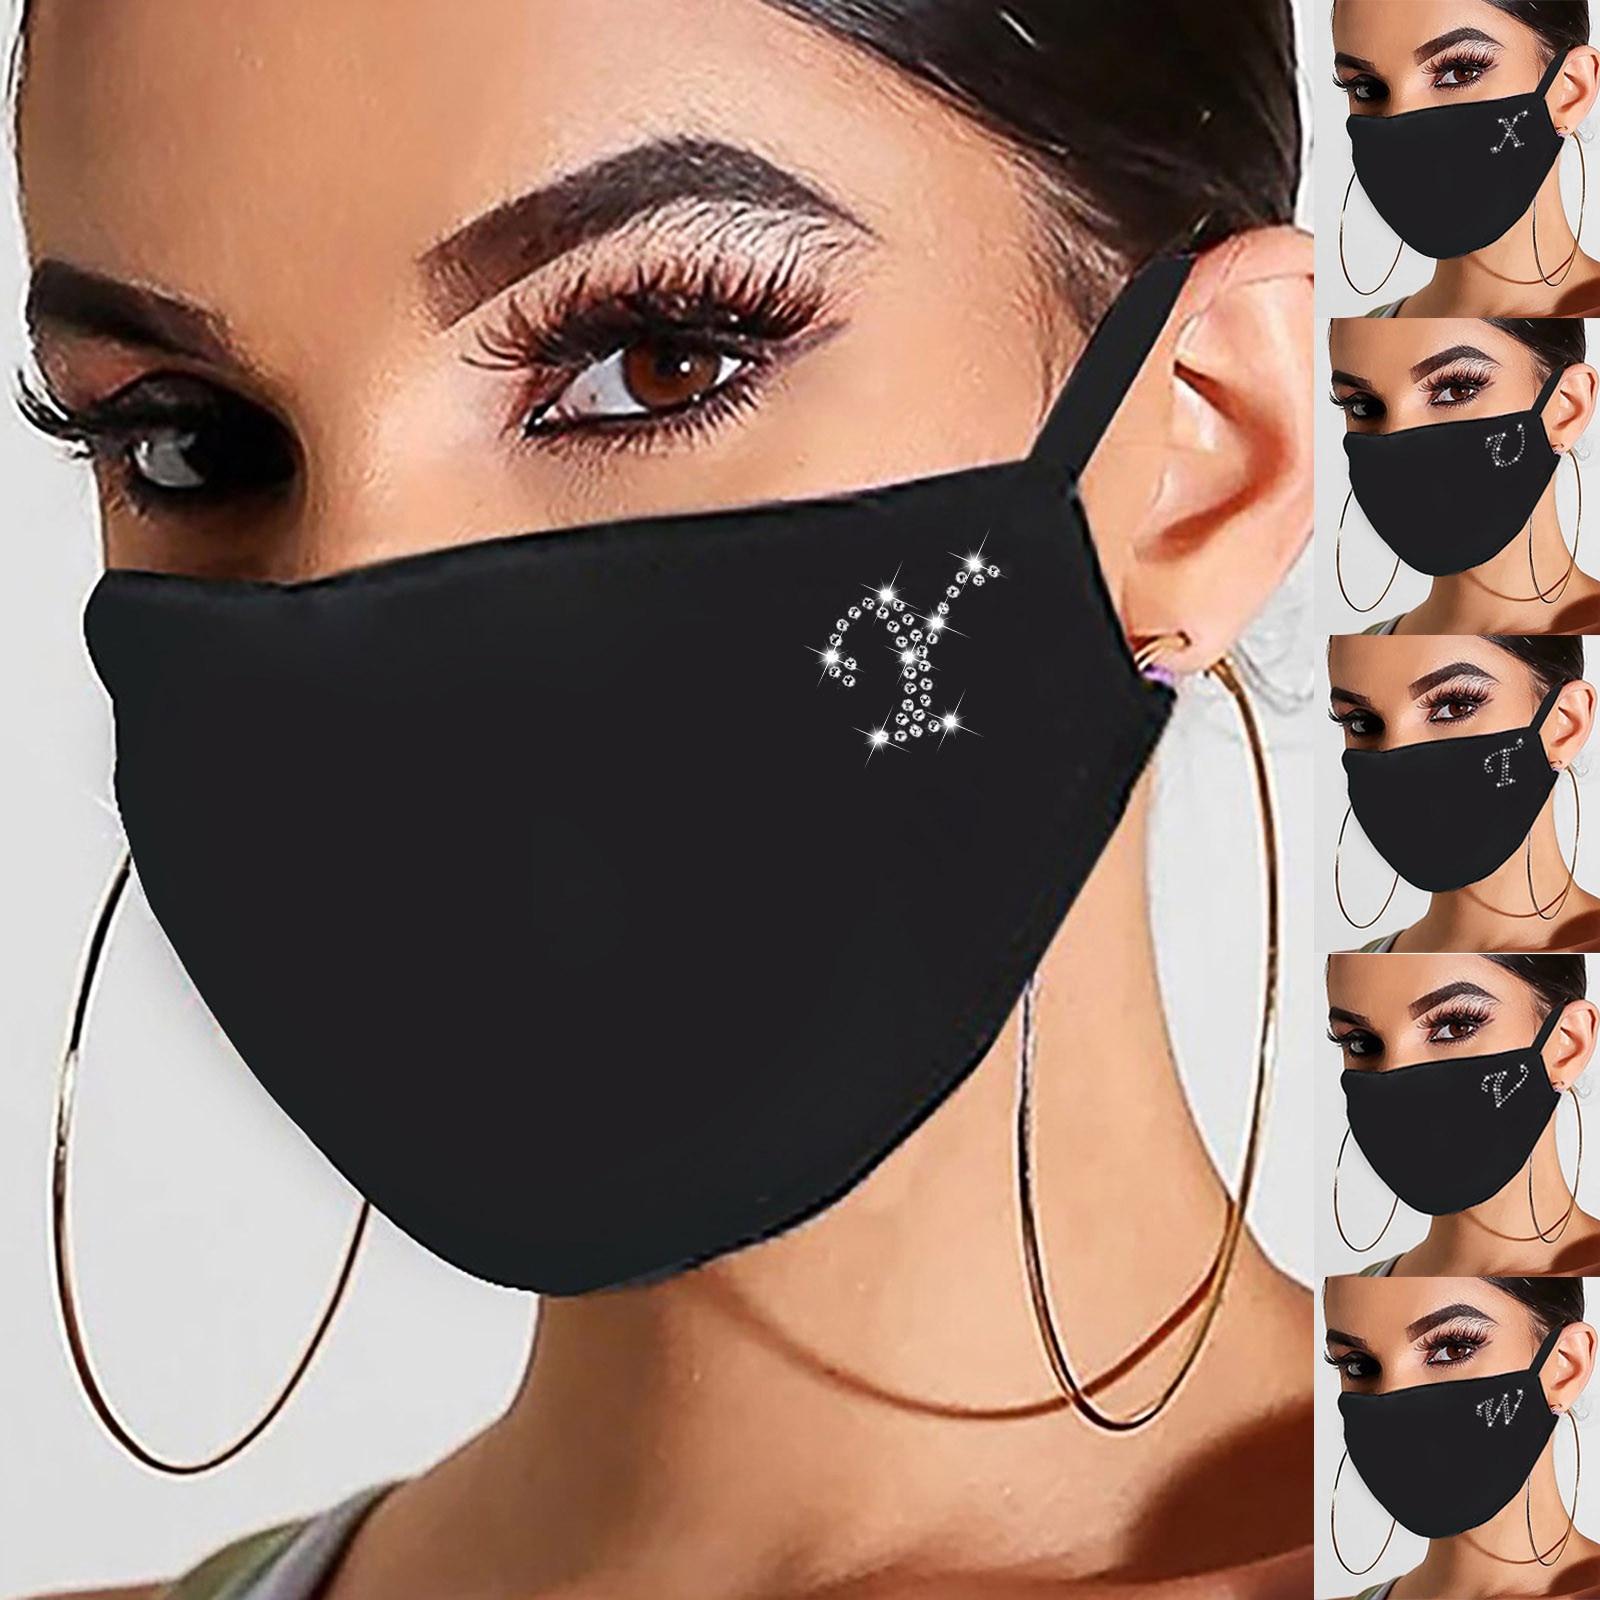 a-z-модные-стразы-маска-для-женщин-уход-за-кожей-лица-mascarias-para-la-бока-bling-маска-для-лица-на-щит-маска-mouthmask-вечерние-украшения